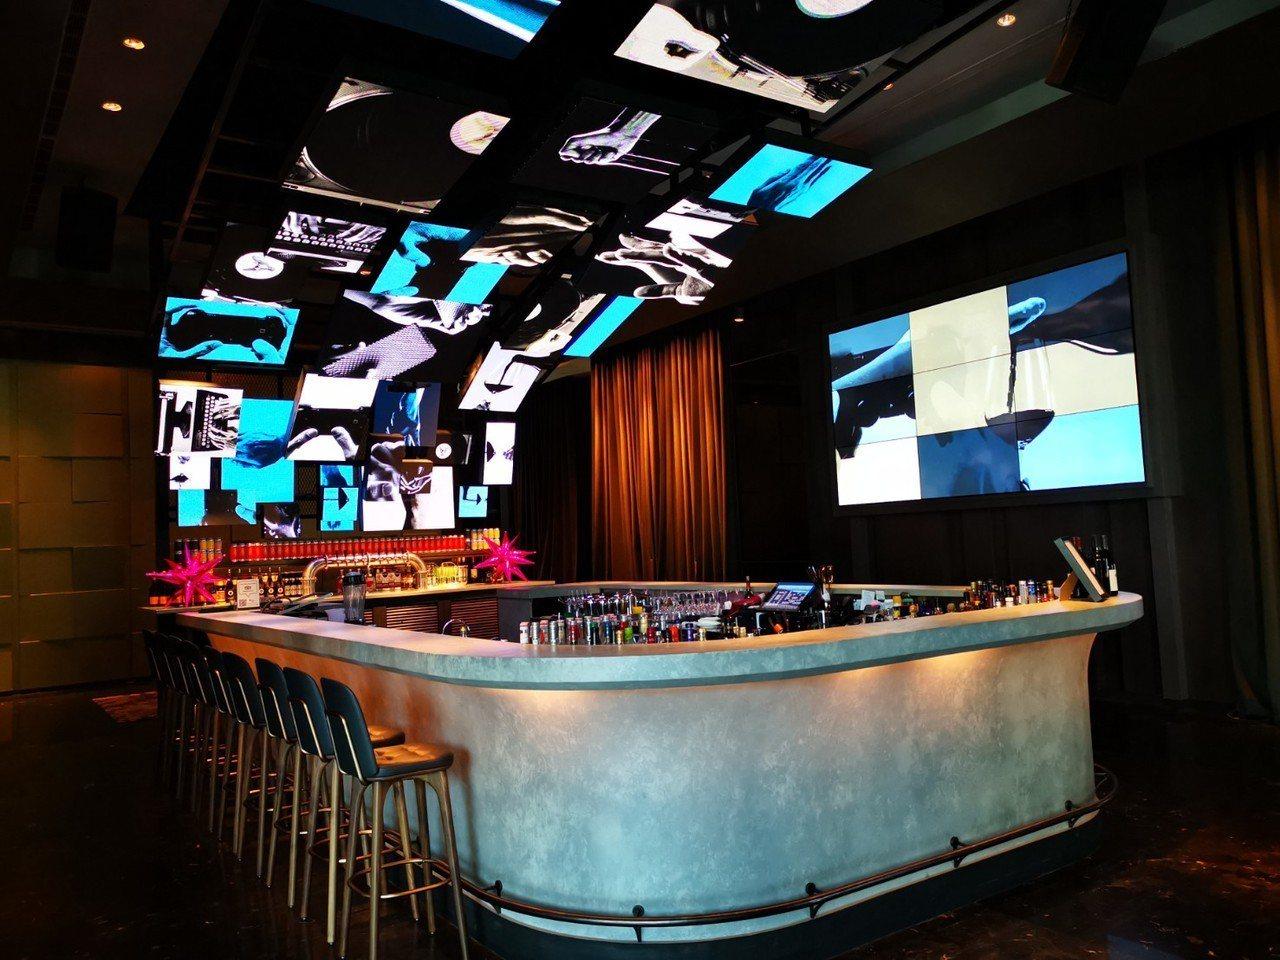 新竹英迪格的酒吧,運用大量電子螢幕,營造充滿科技的潮流感。記者韓化宇/攝影